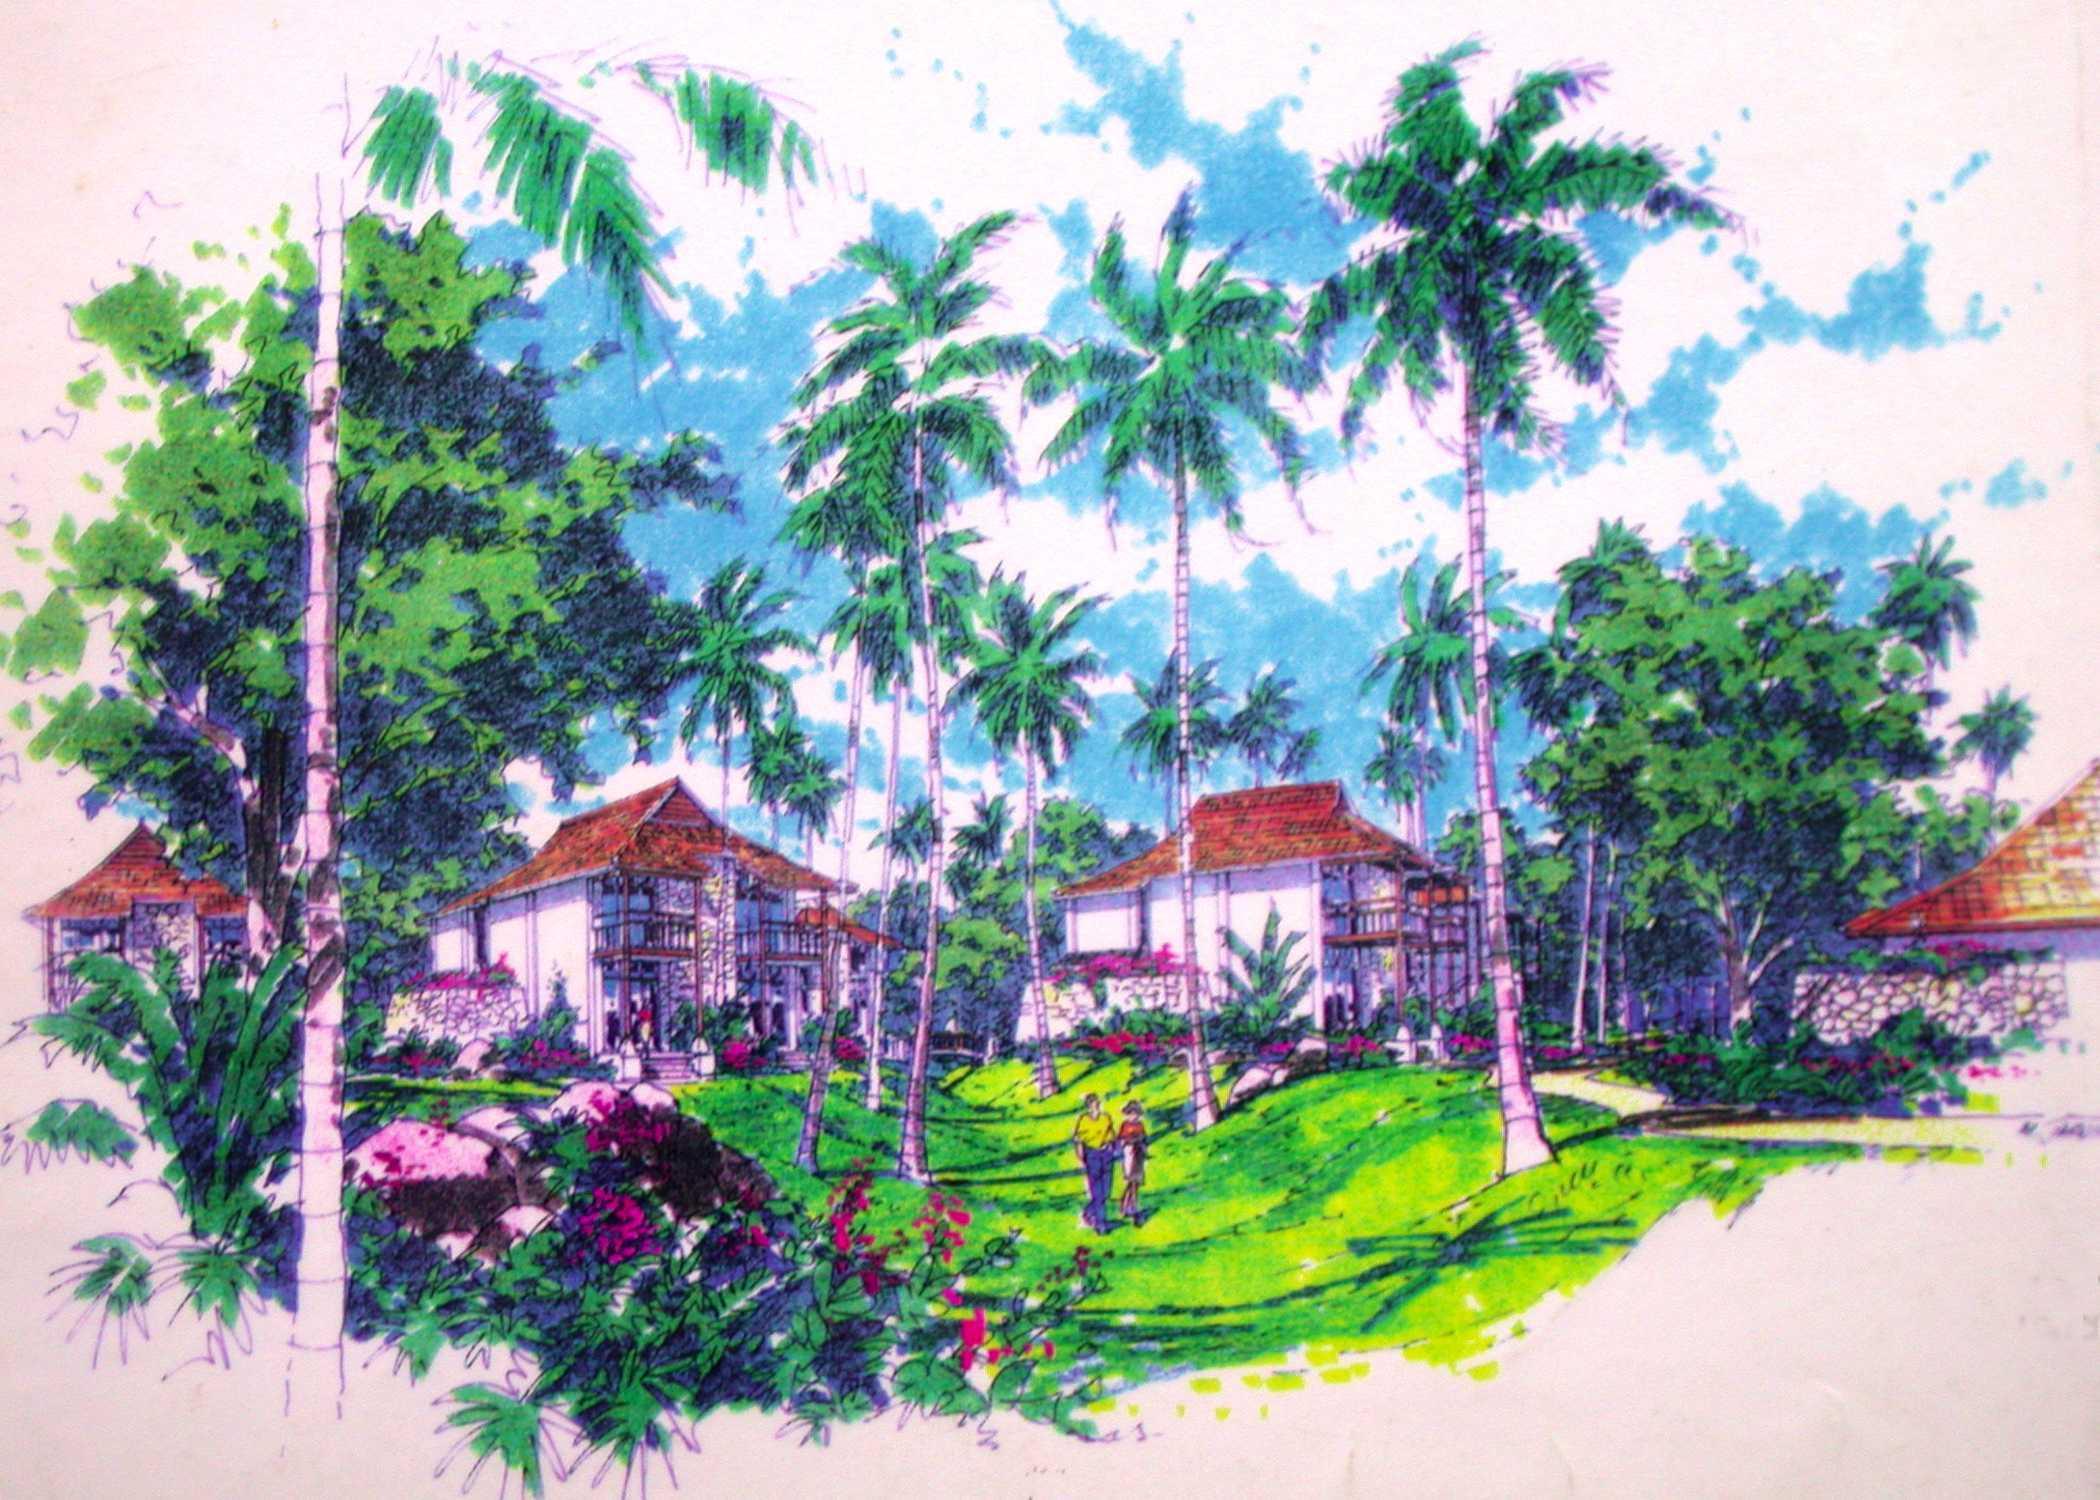 Dedy Holiday Inn Lombok Lombok Lombok Dscn4677   16046